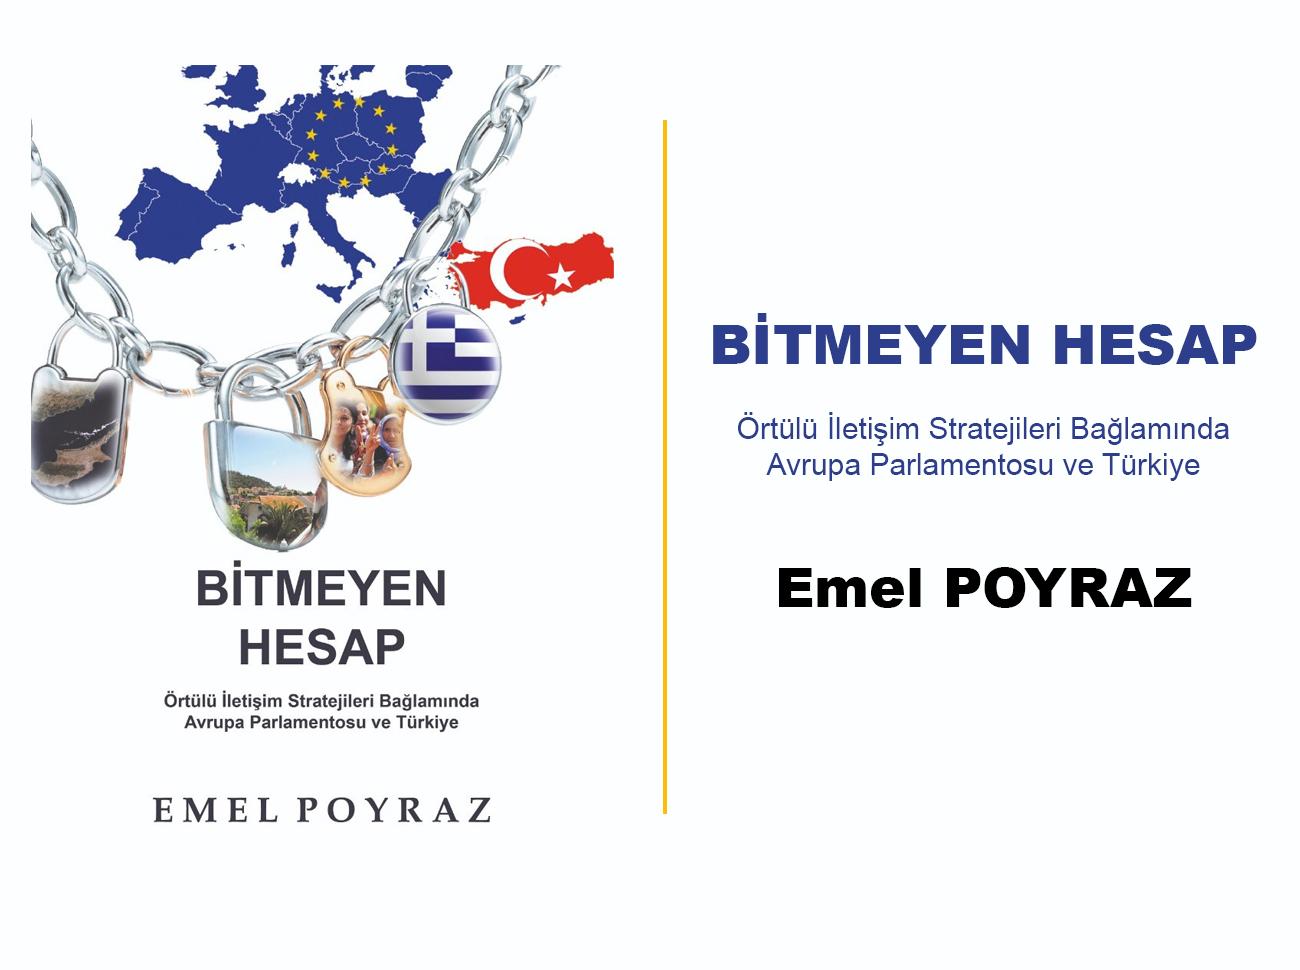 Bitmeyen Hesap: Örtülü İletişim Stratejileri Bağlamında Avrupa Parlamentosu ve Türkiye